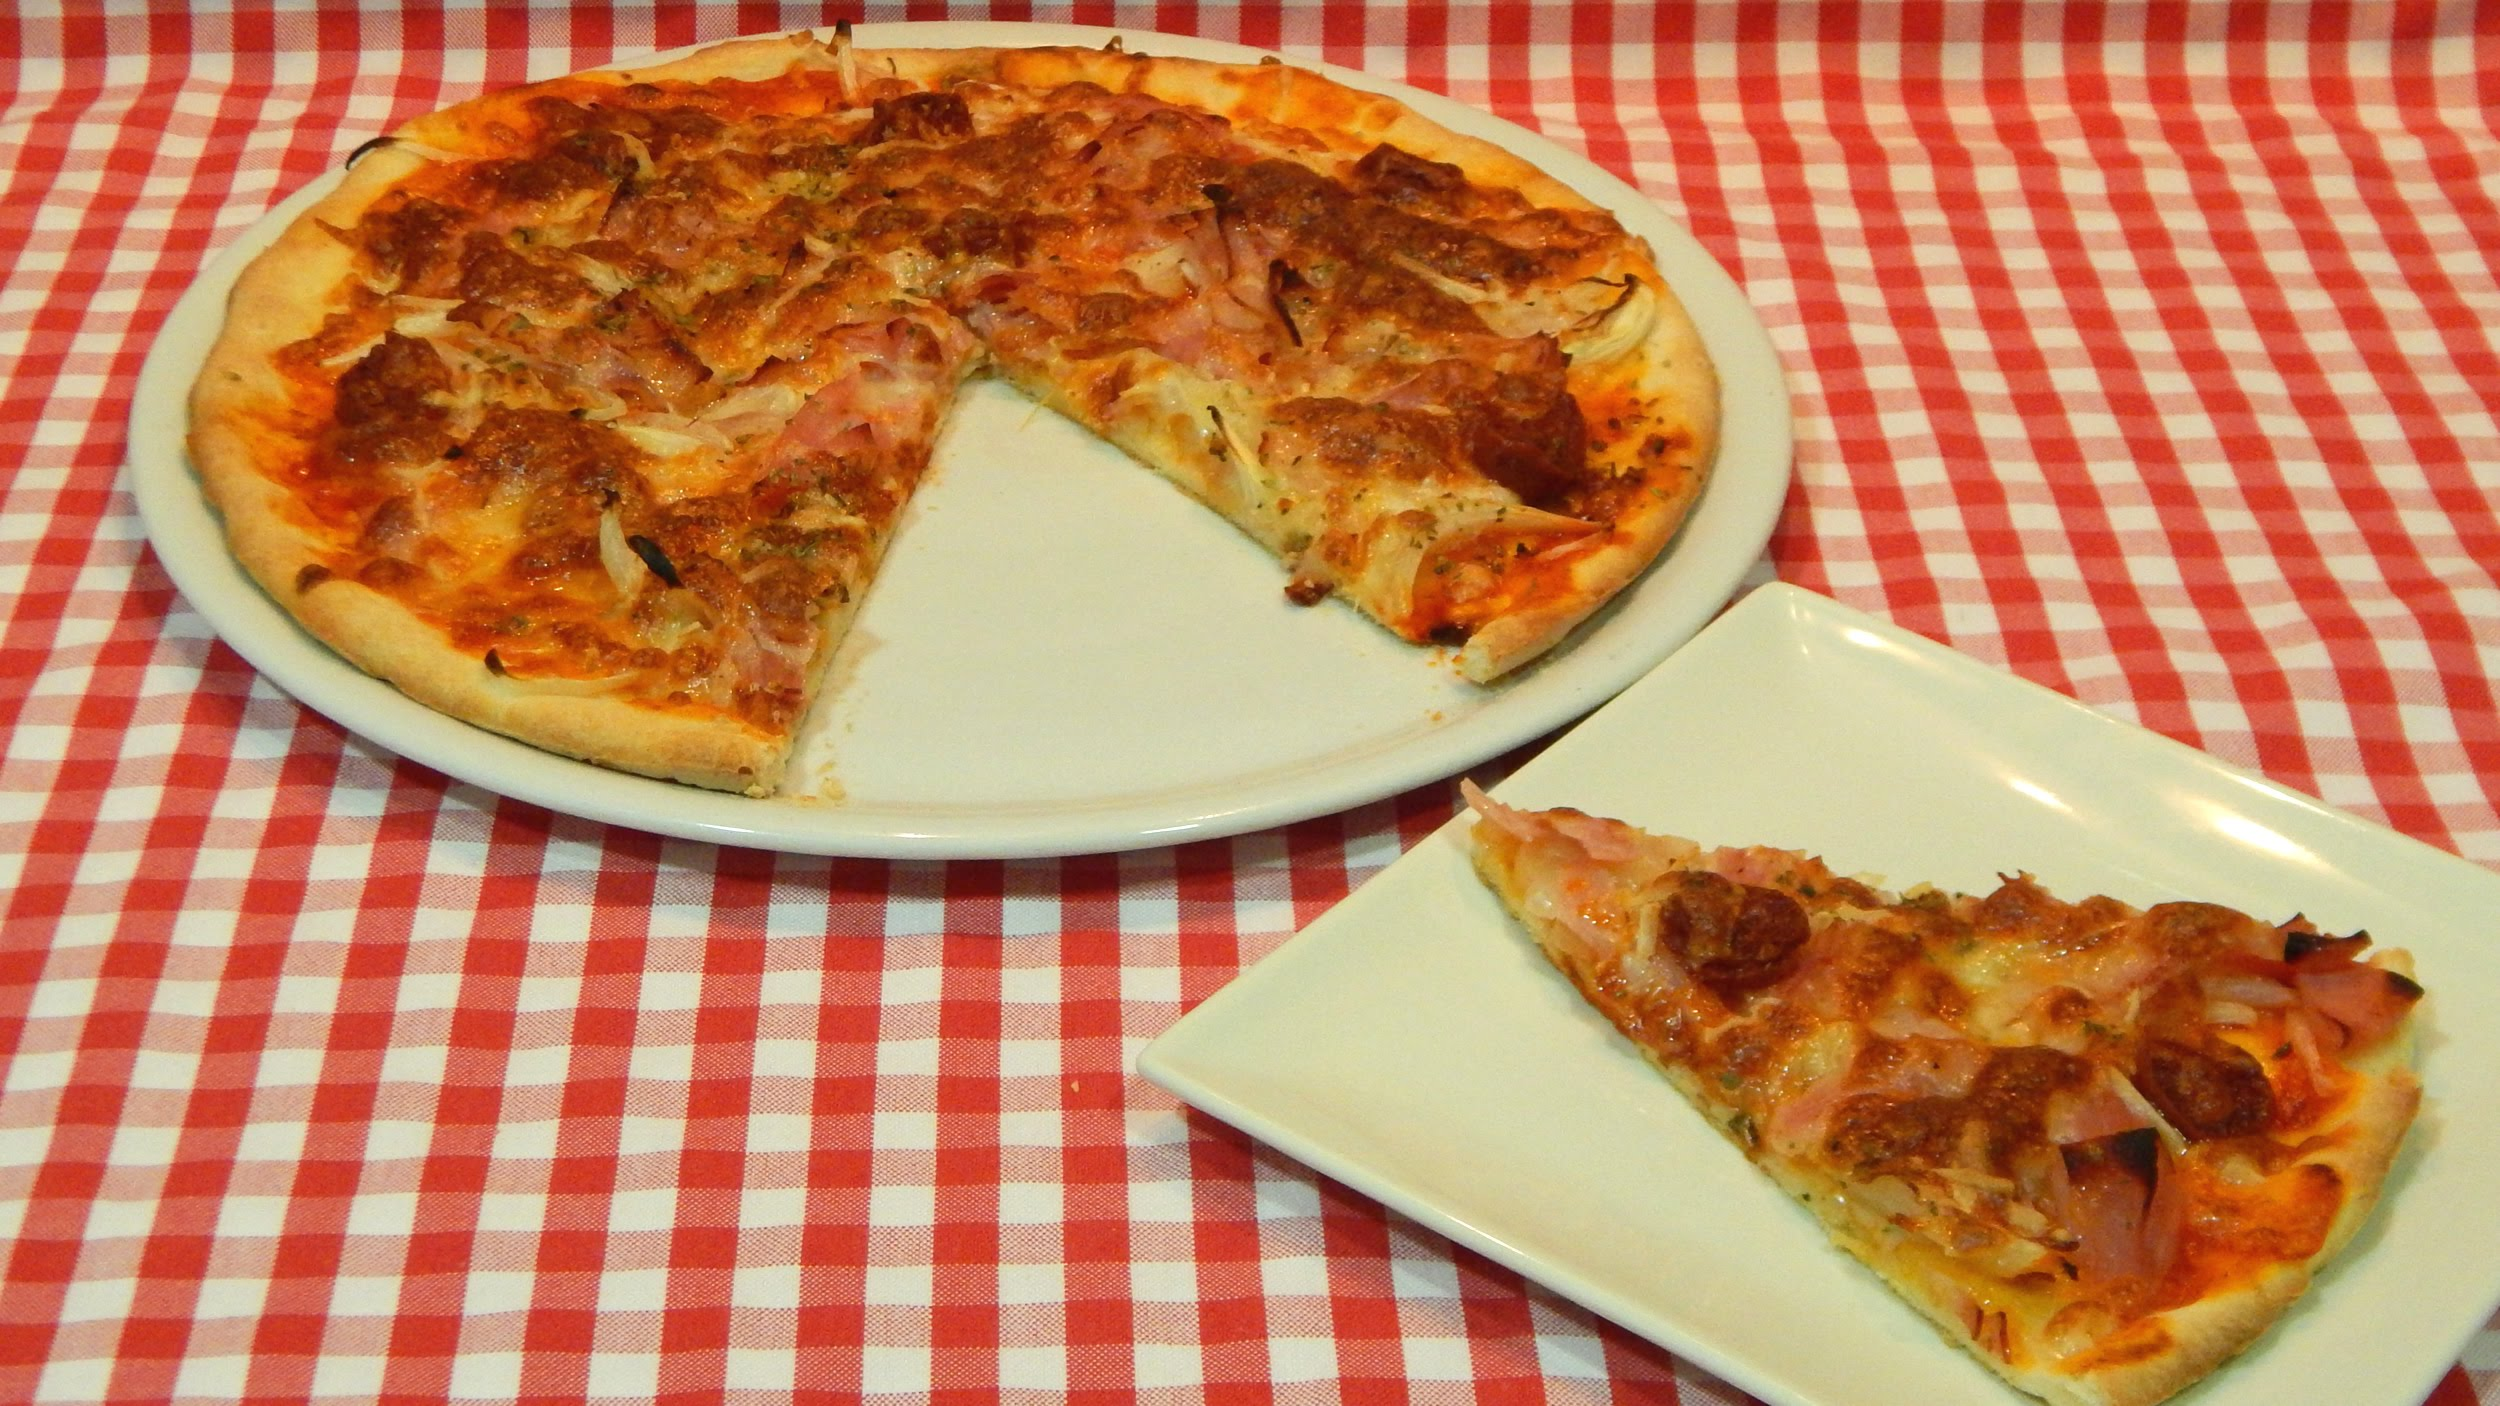 Cómo preparar una Masa de pizza fina y extracrujiente - Vídeos de ...